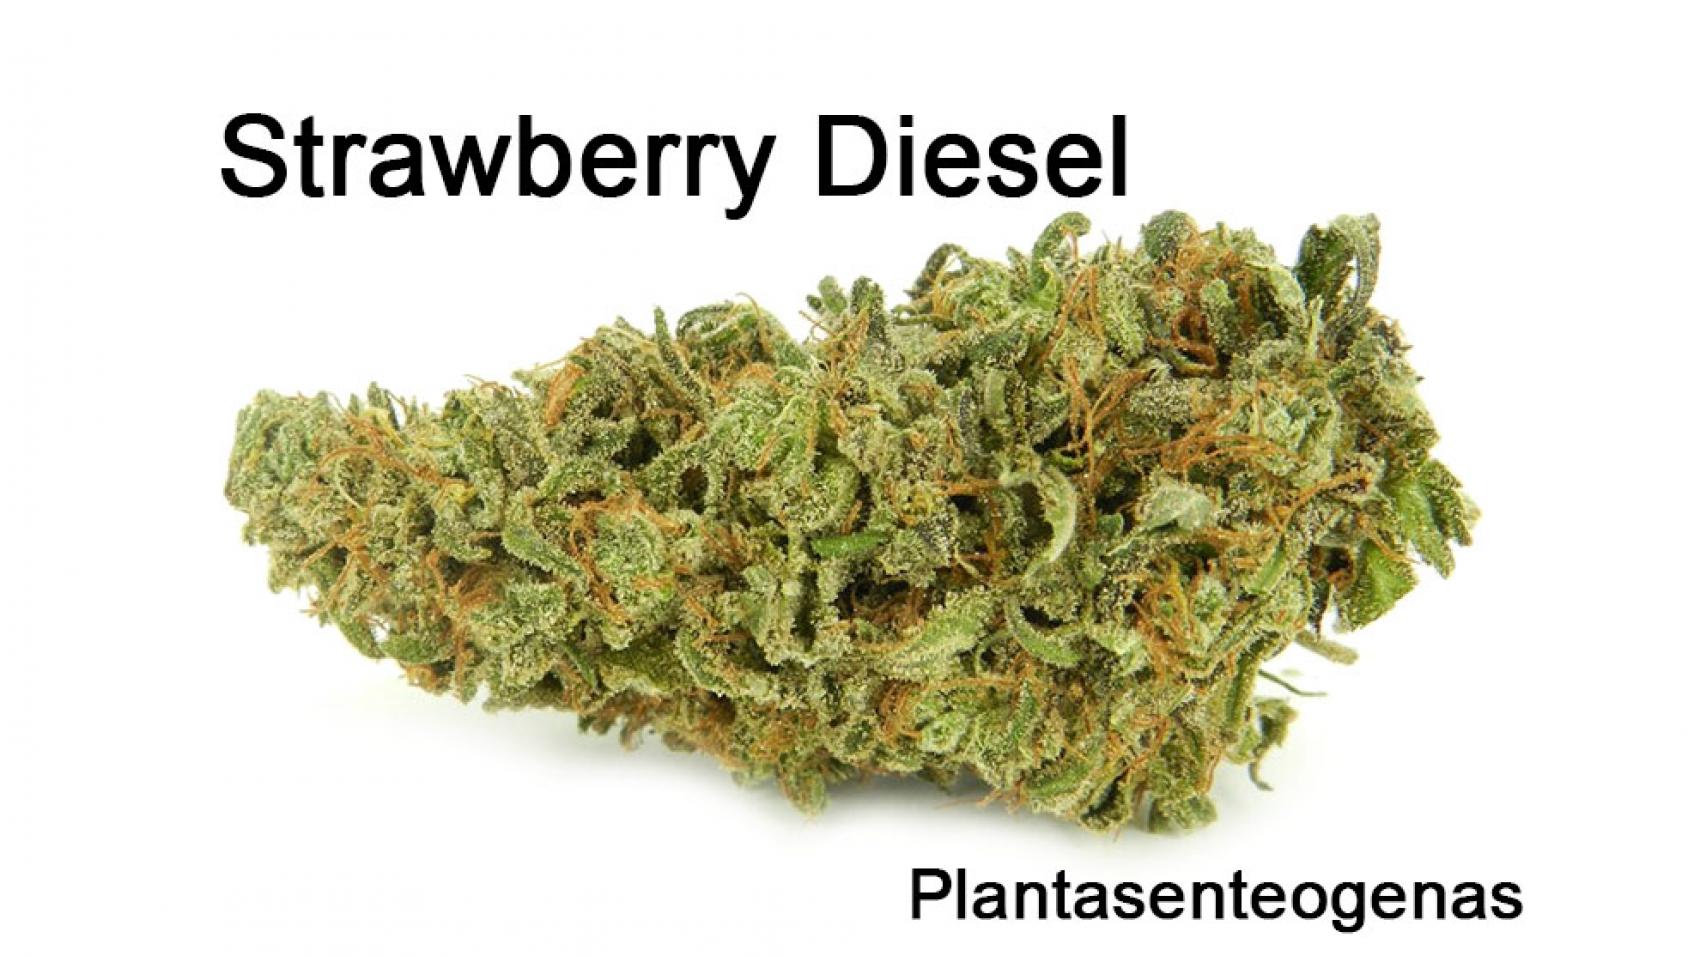 stawberry diesel